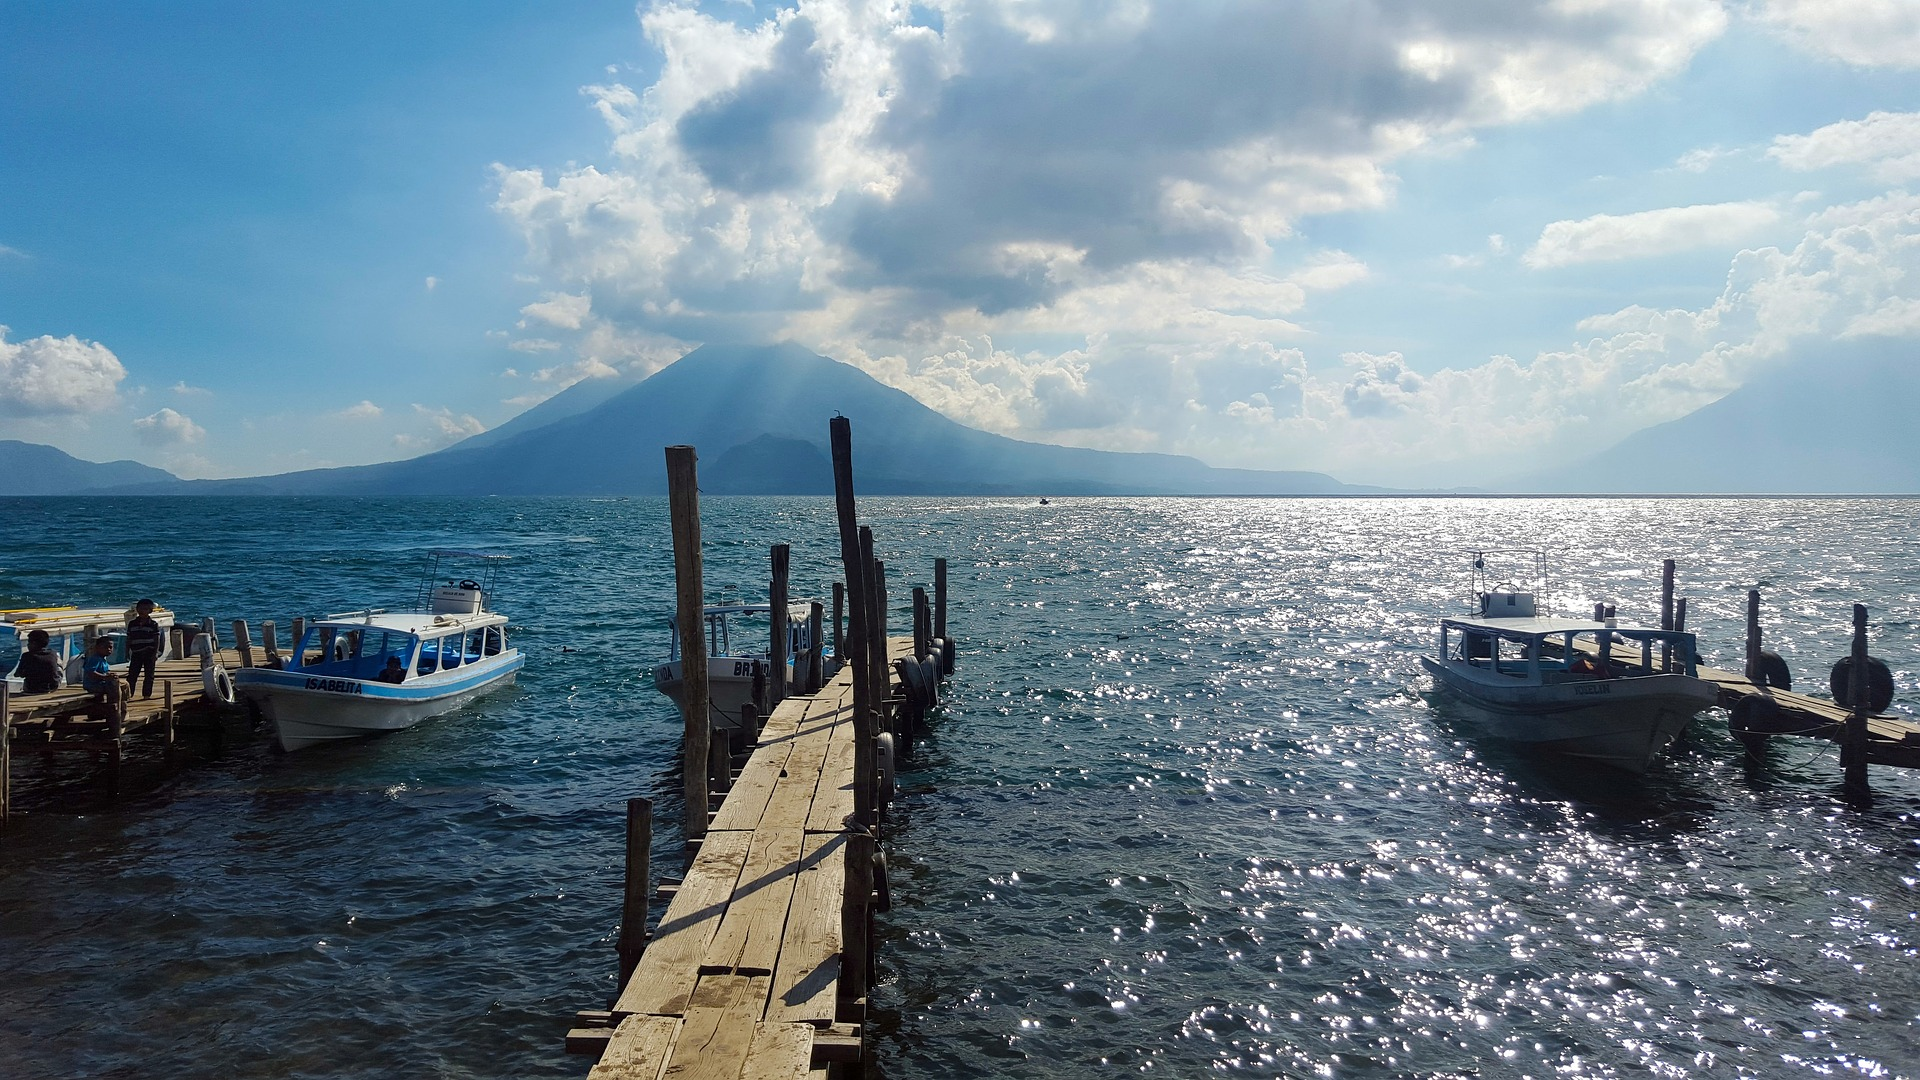 guatemala lake-2266813_1920